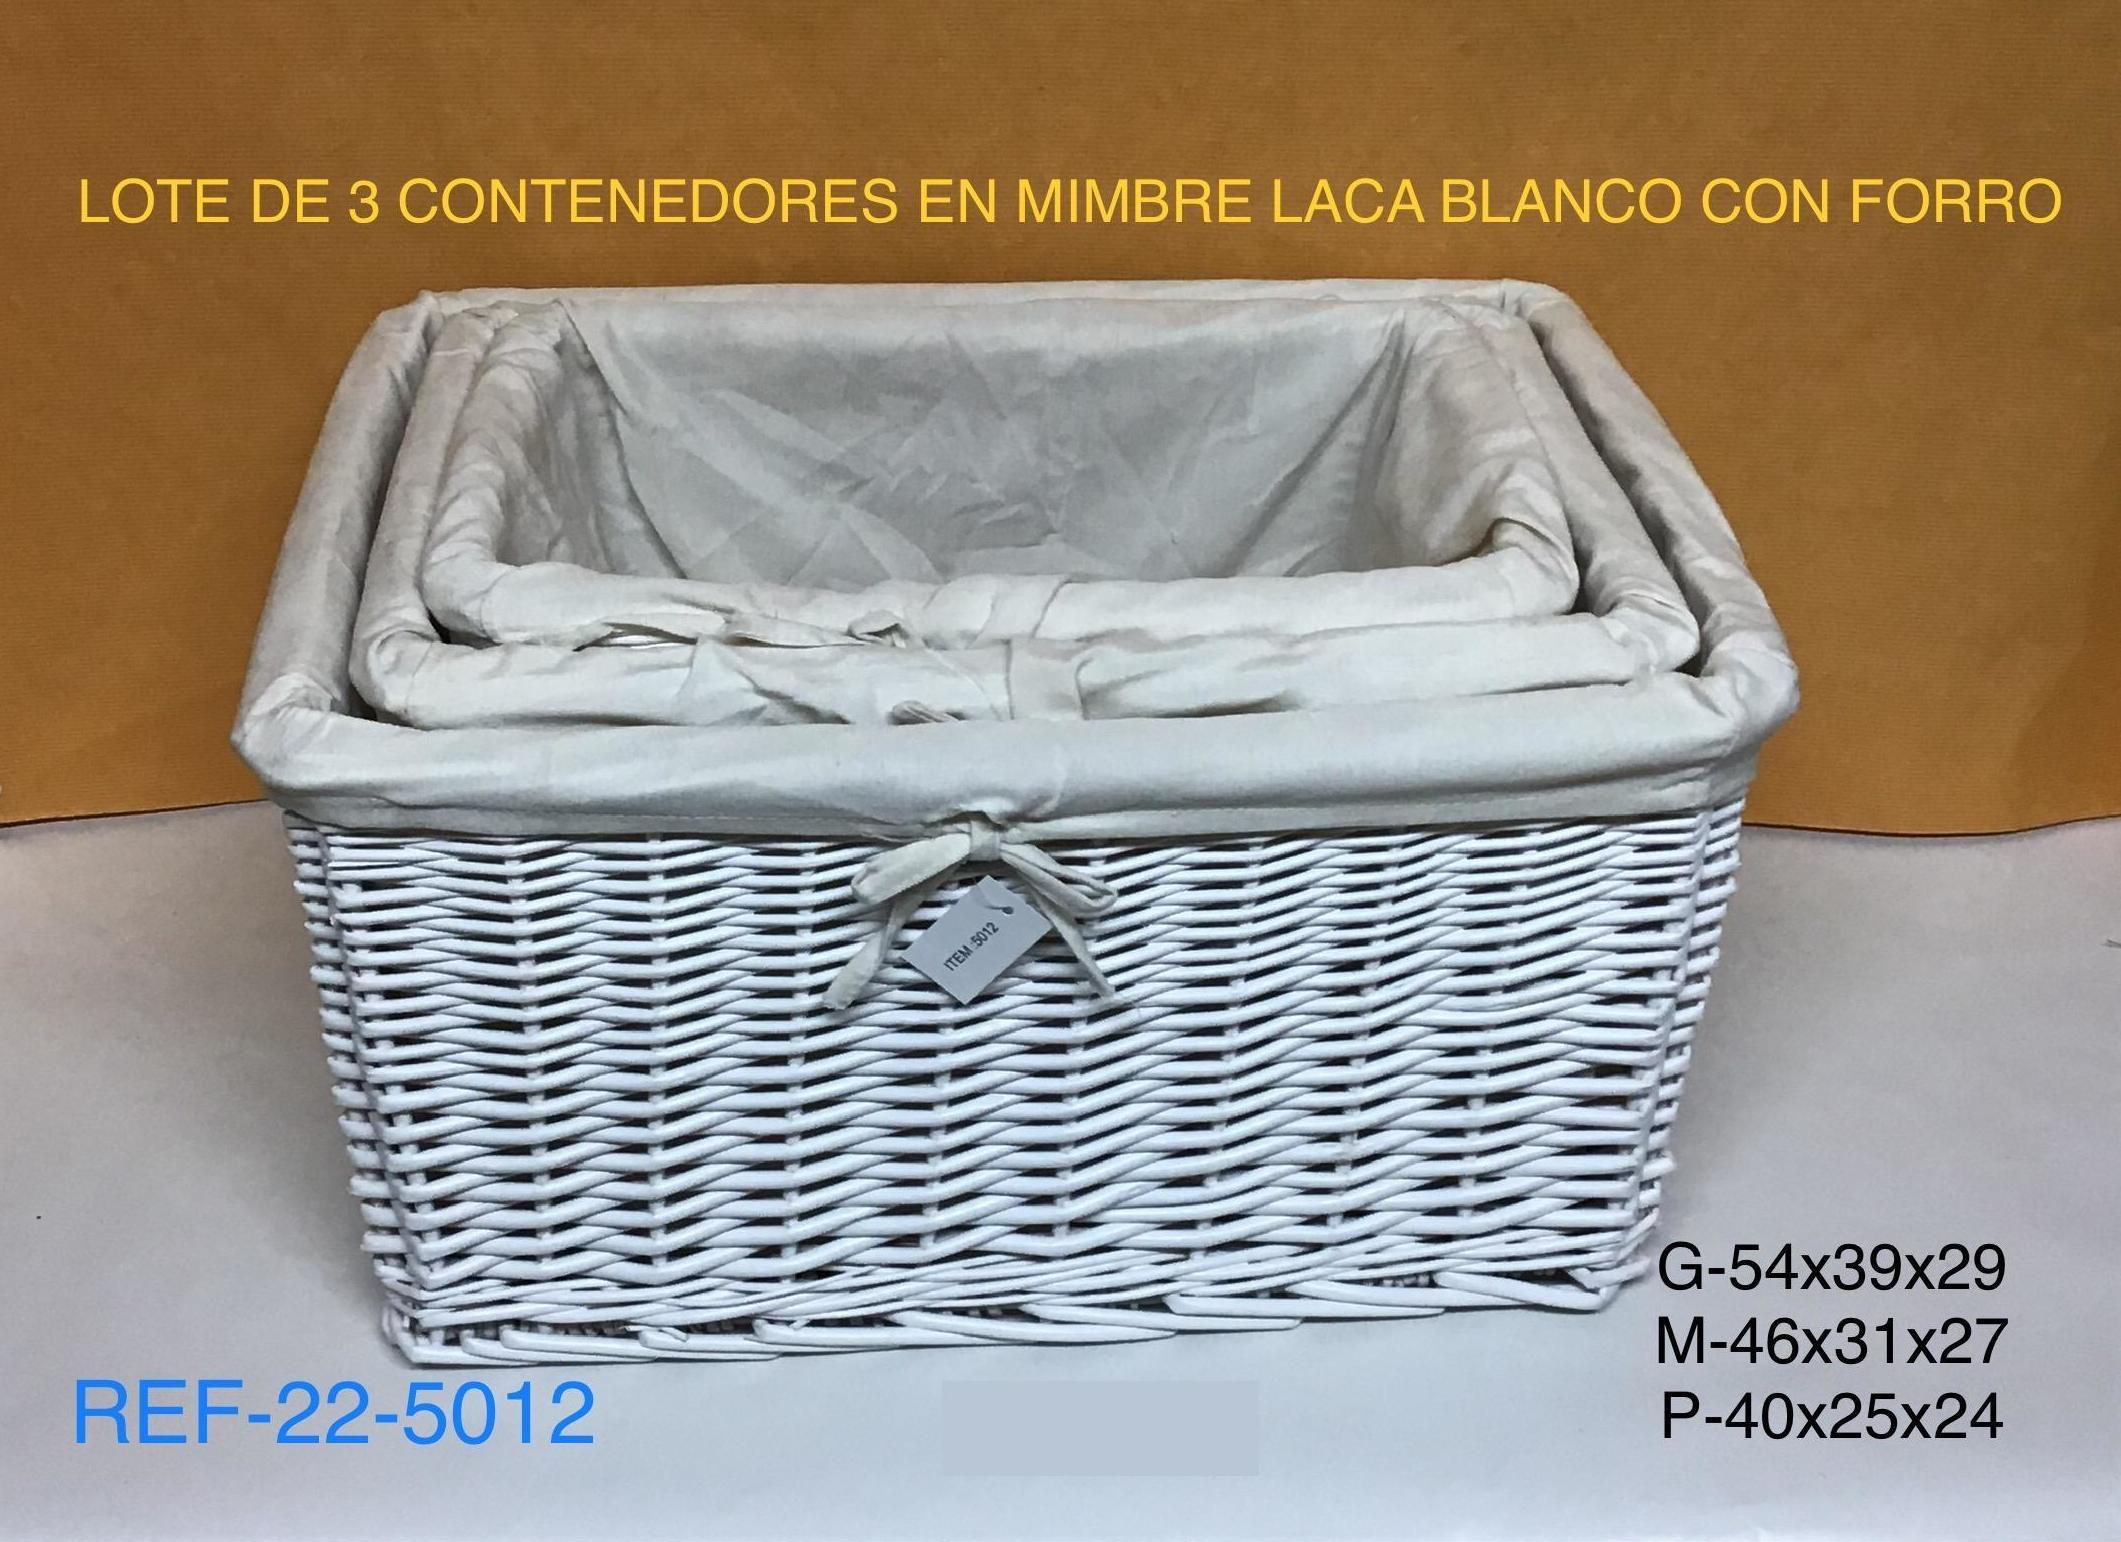 22-5012 LOTE DE 3 CONTENEDORES LC BL54X39X29